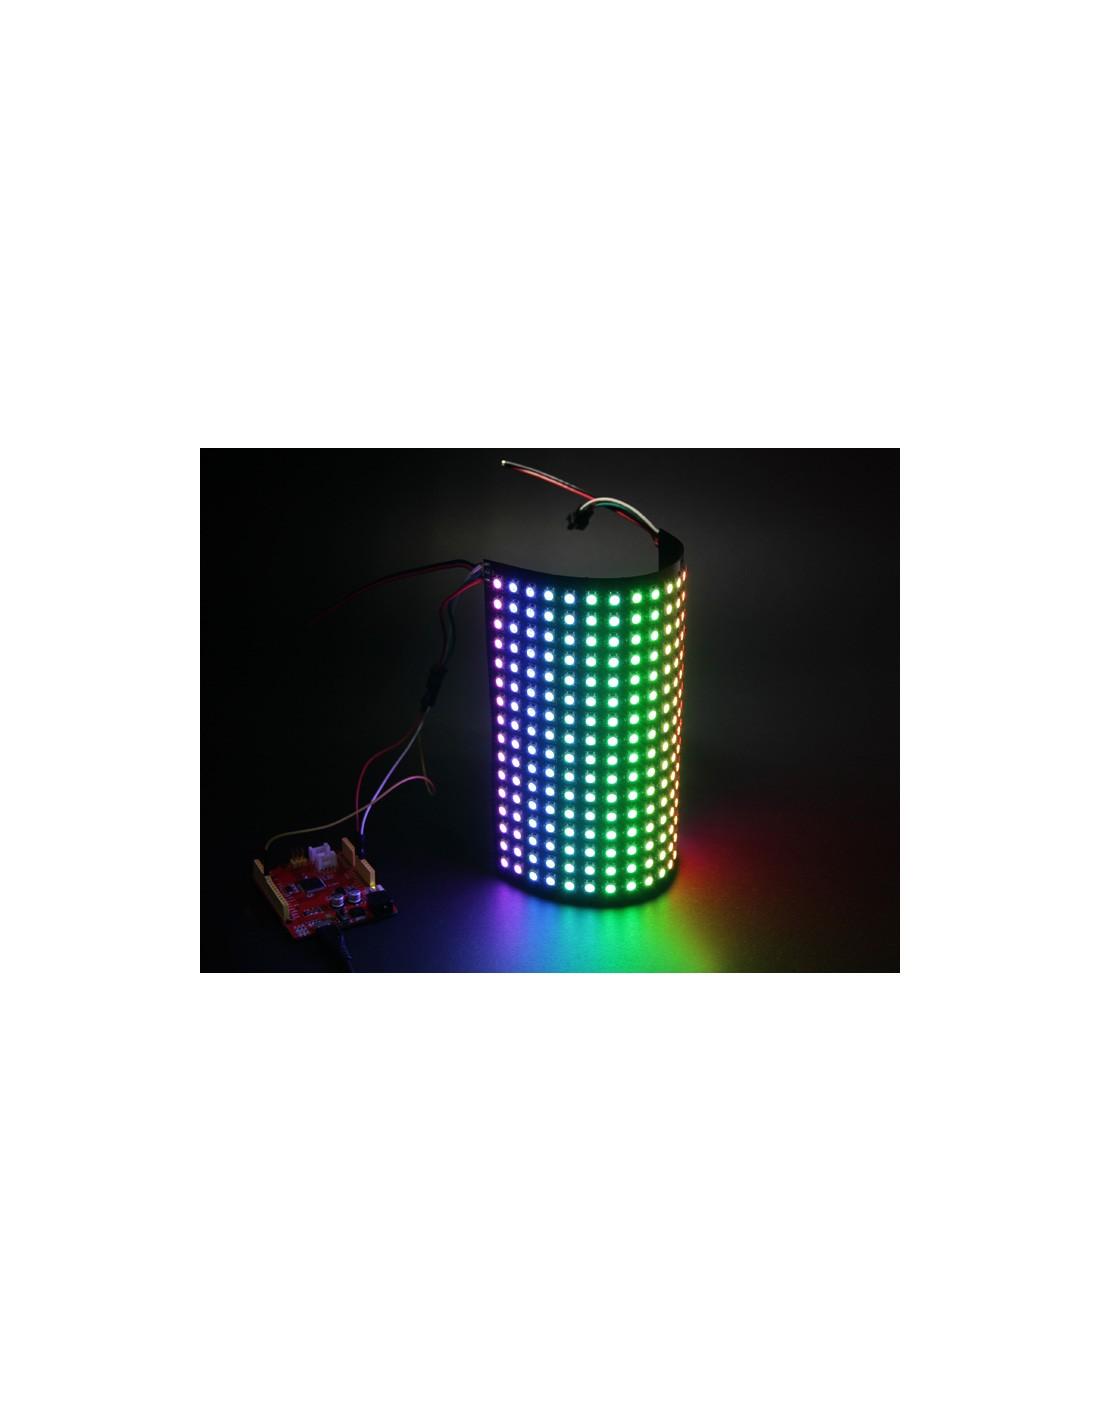 16x16 RGB LED Matrix w/ WS2812B - DC 5V (Flexible PCB, one